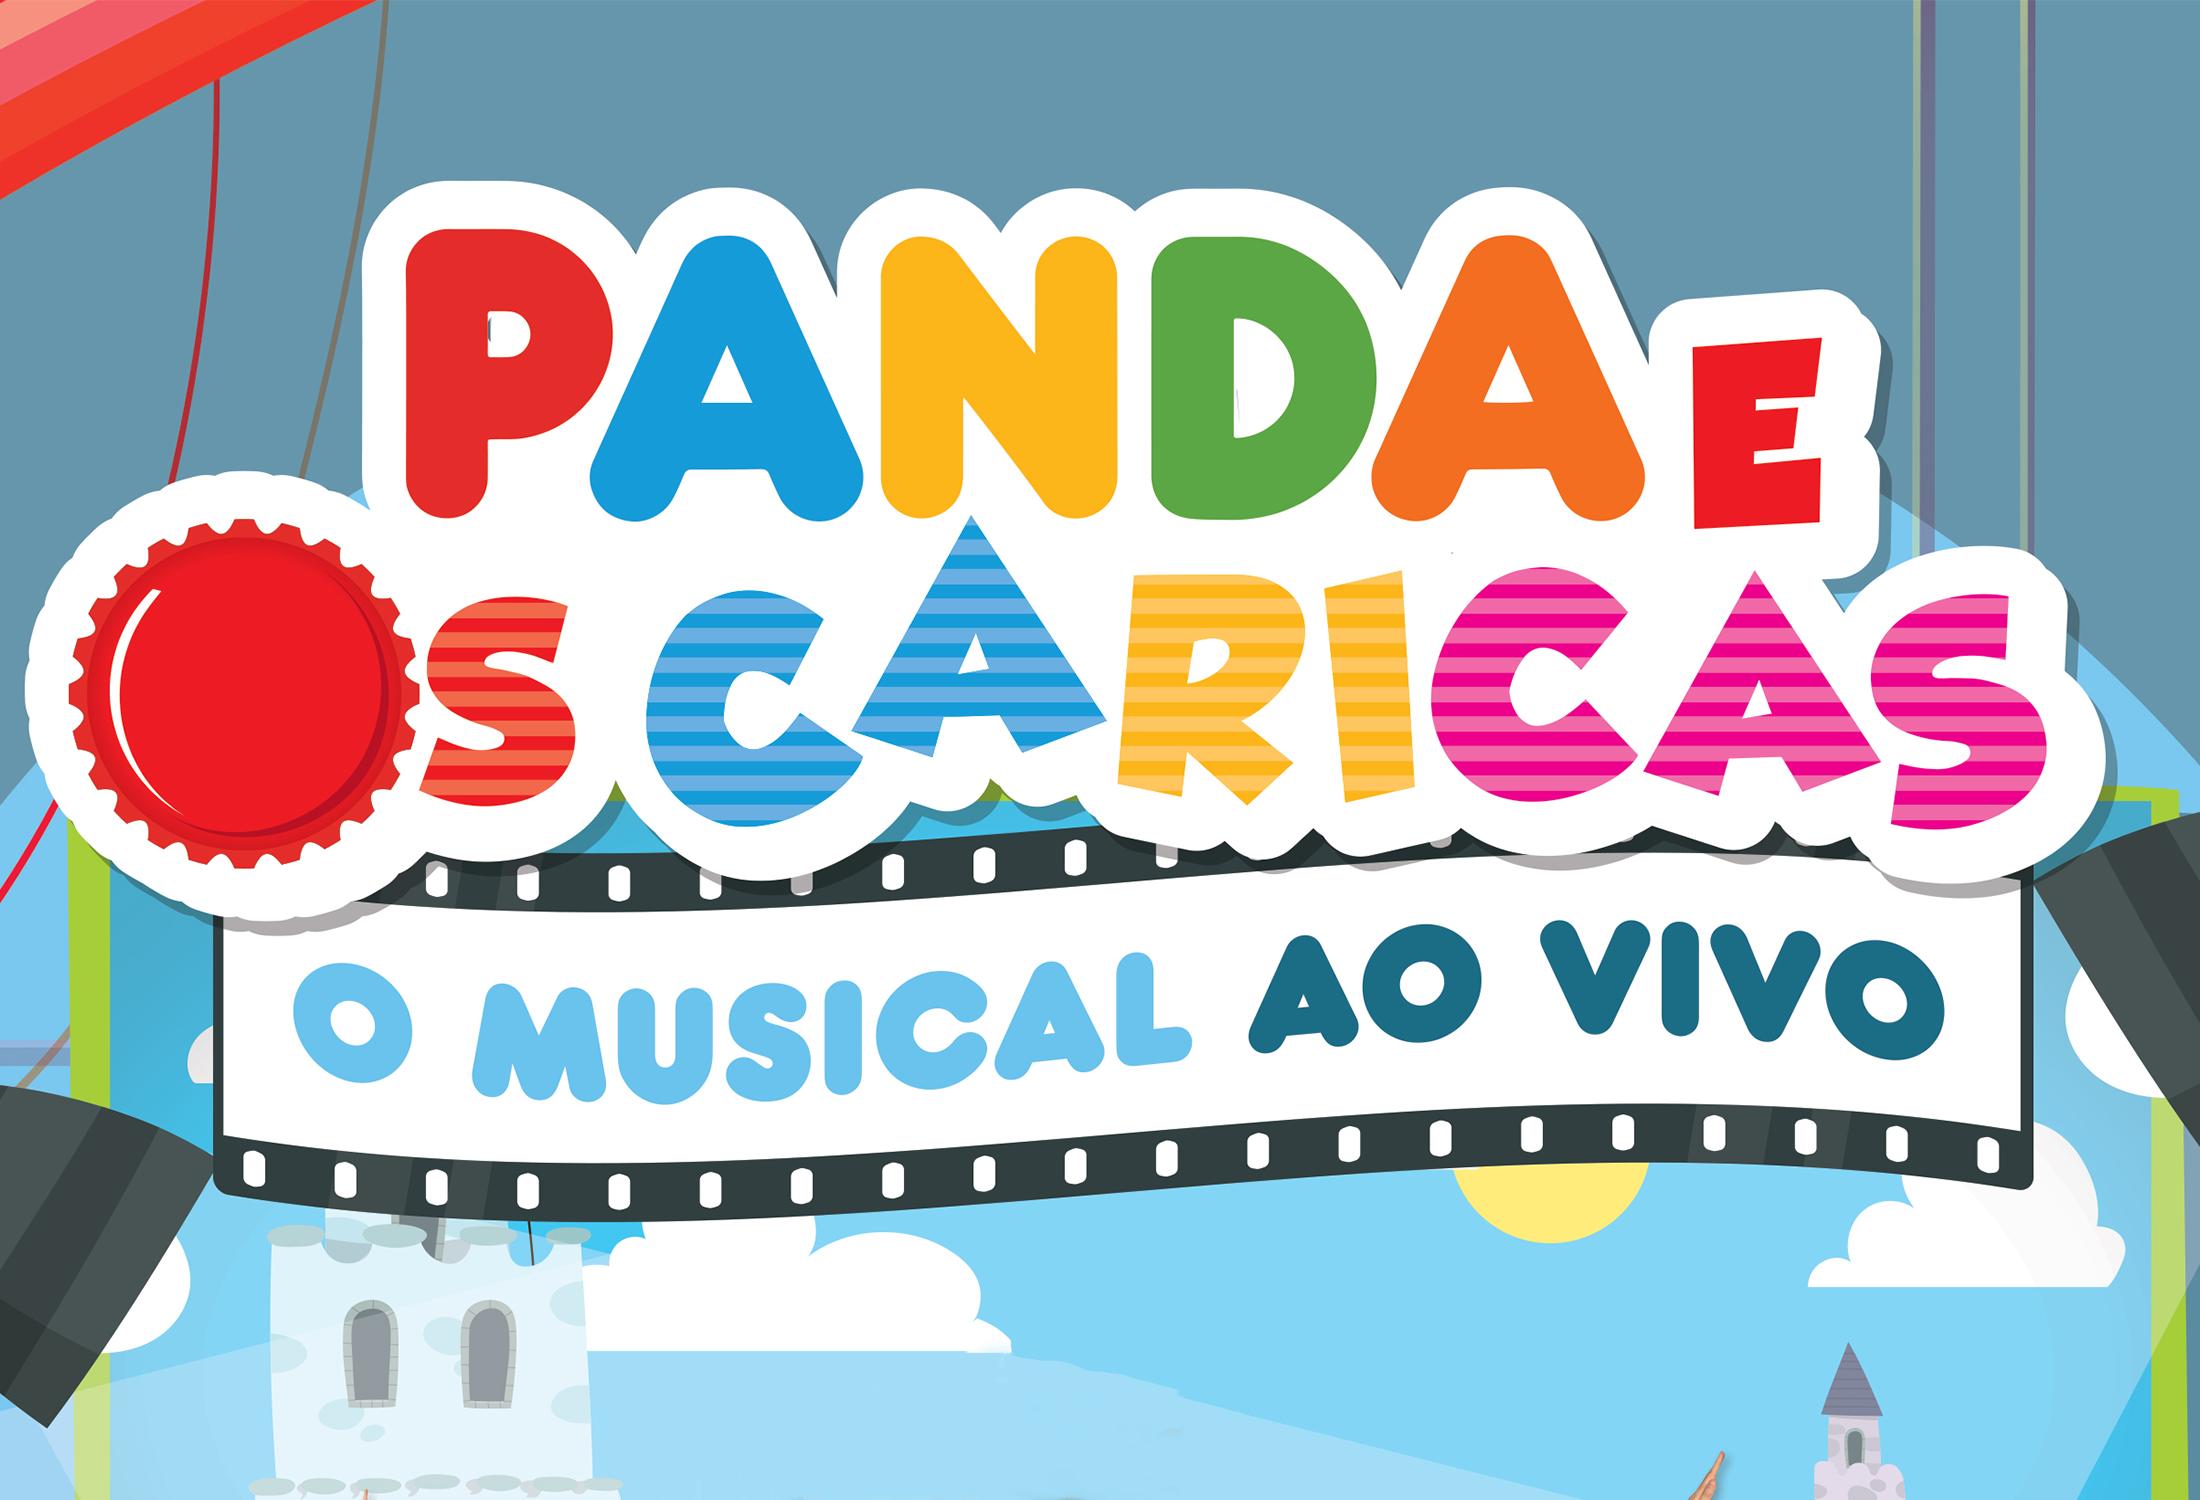 MUSICAL AO VIVO PANDA E OS CARICAS